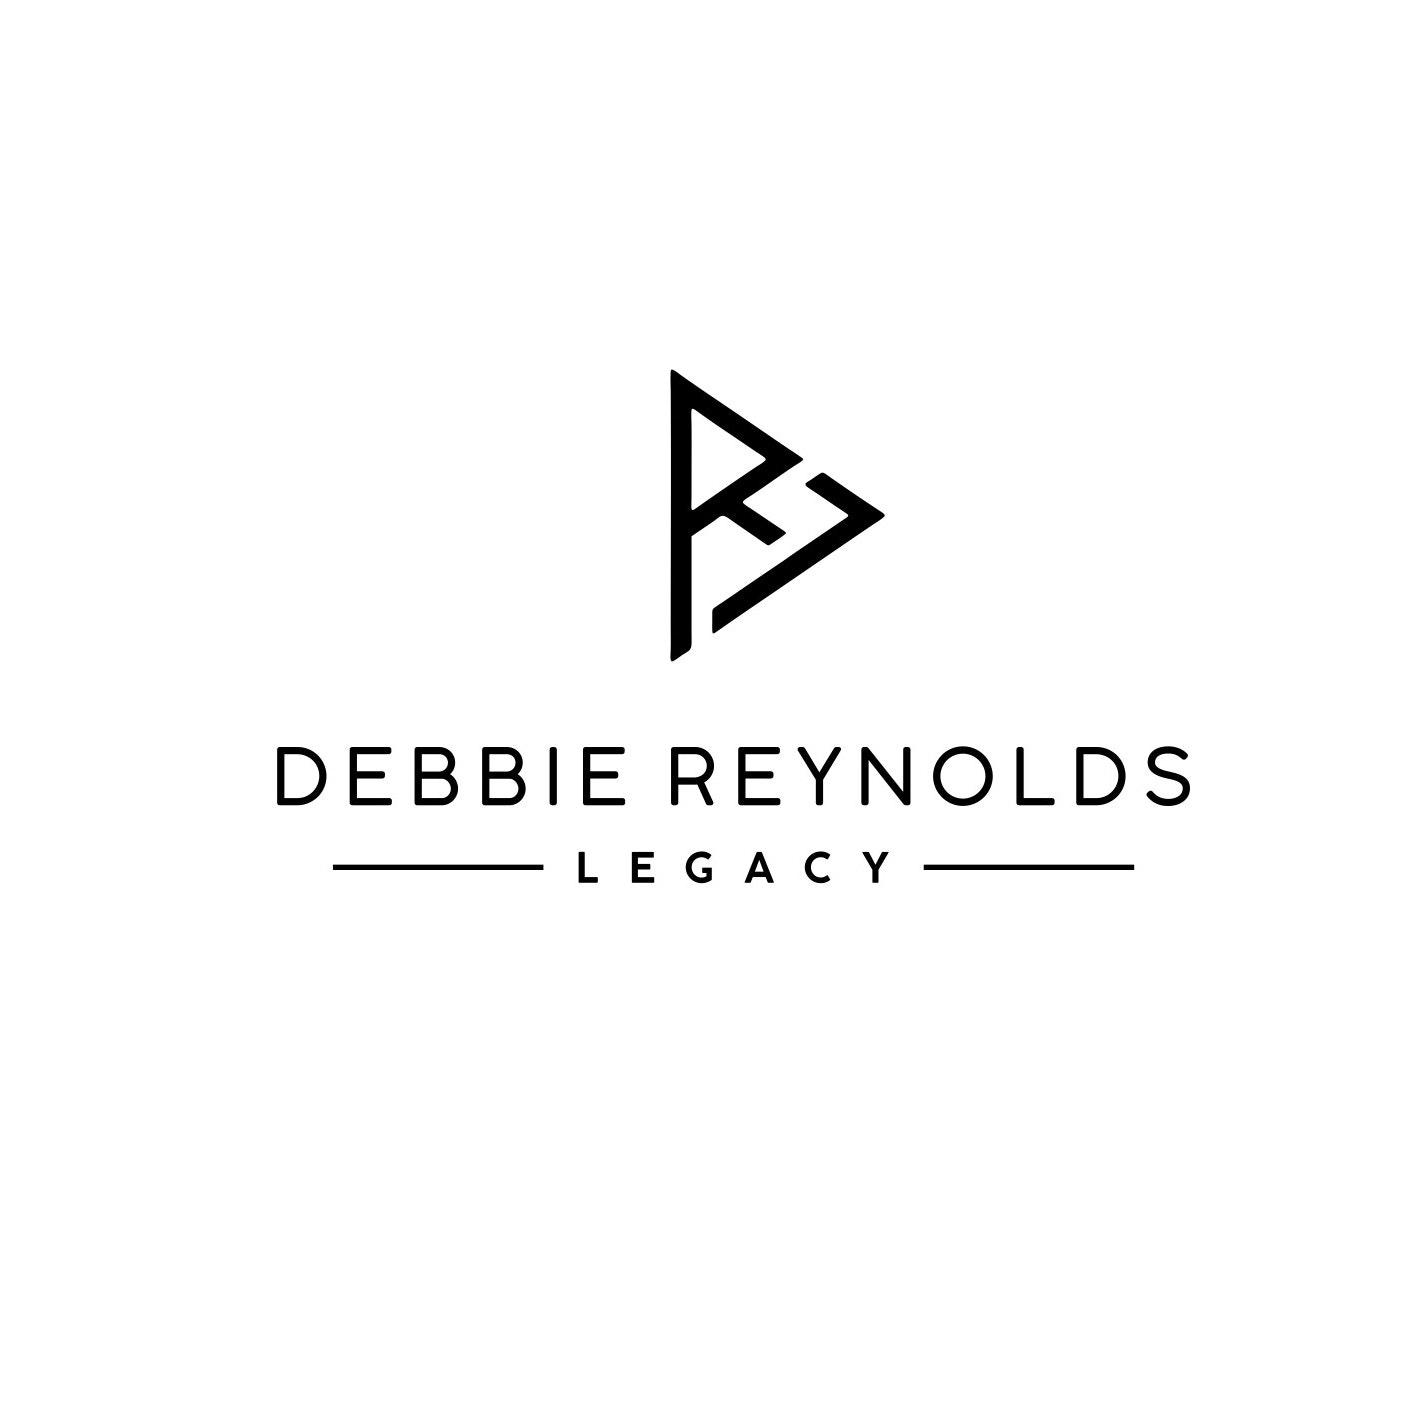 Debbie Reynolds Legacy logo